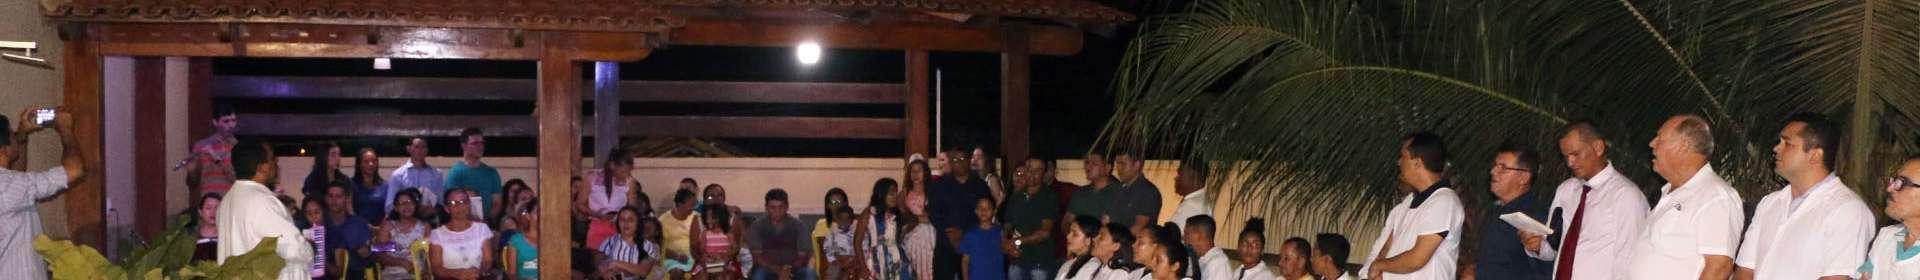 Batismos realizados por Igrejas Cristã Maranata em dezembro de 2019